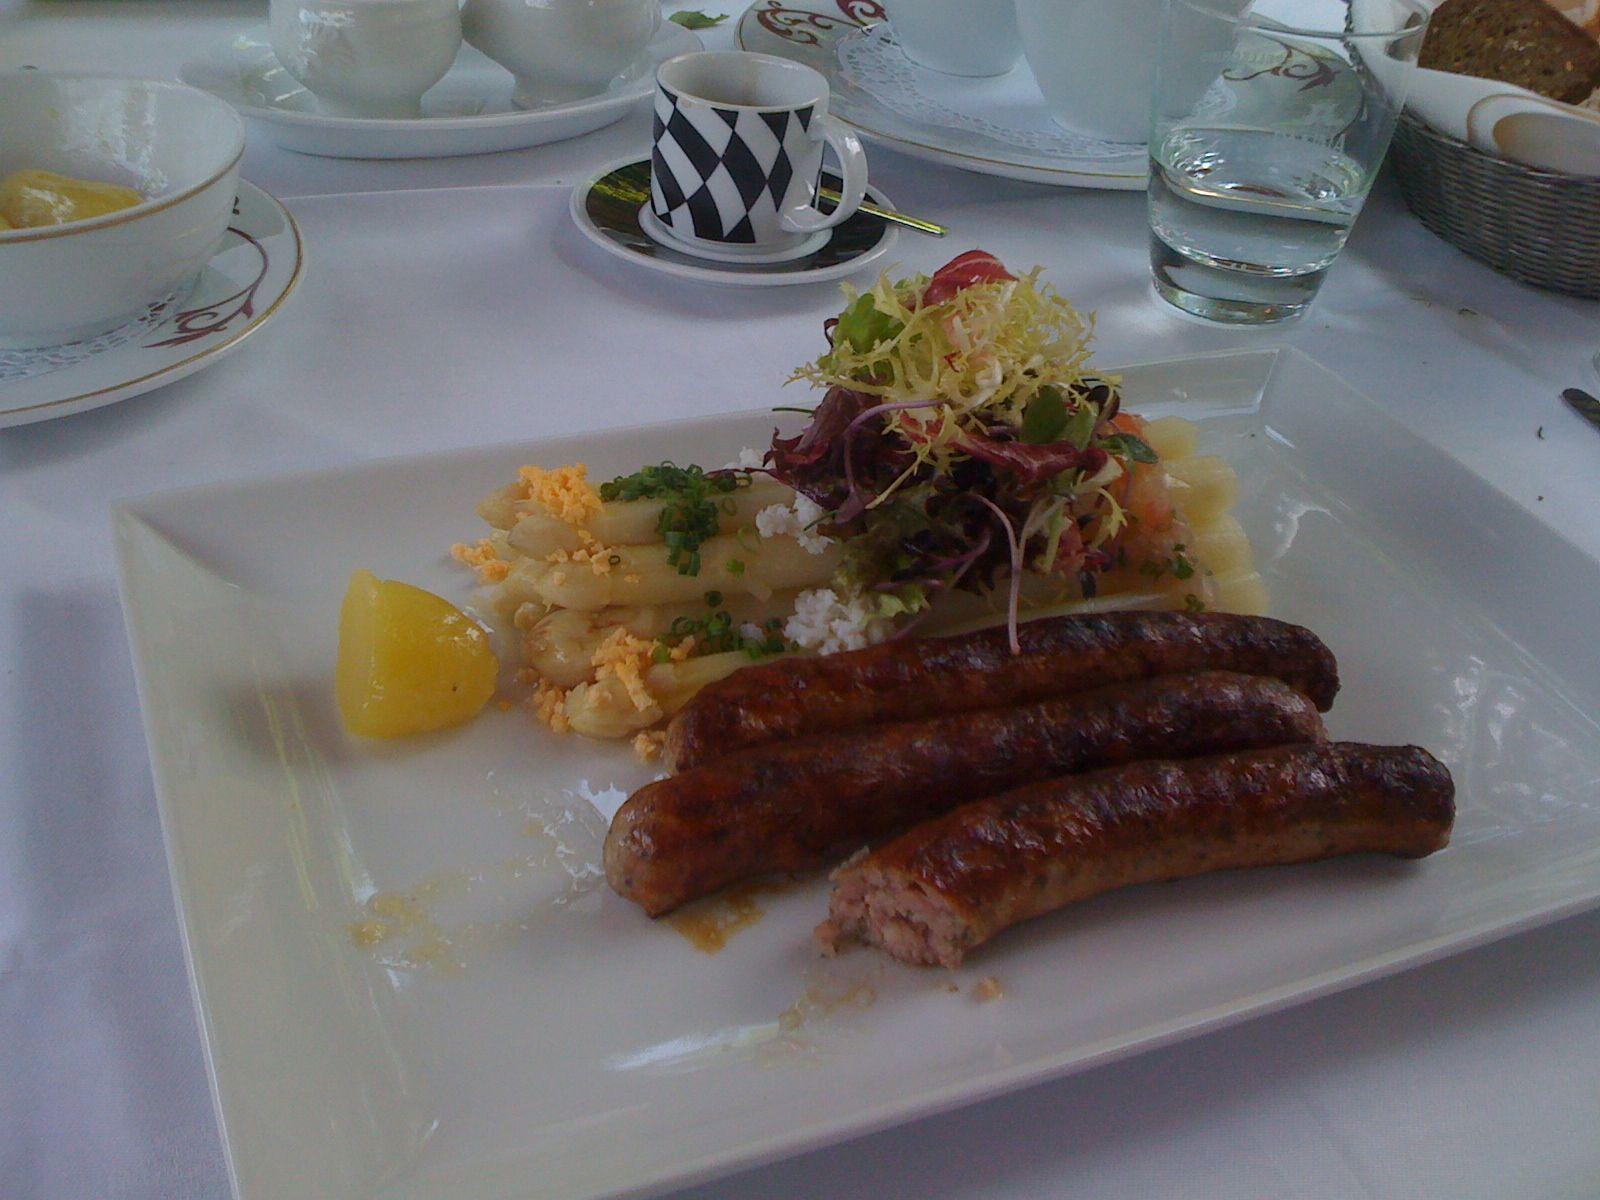 Bratwurst und Nürnberg, die Beiden gehören einfach zusammen. Hier mehr Infos: http://Nuernberg.Bayern-online.de/gastronomie/bratwuerste/